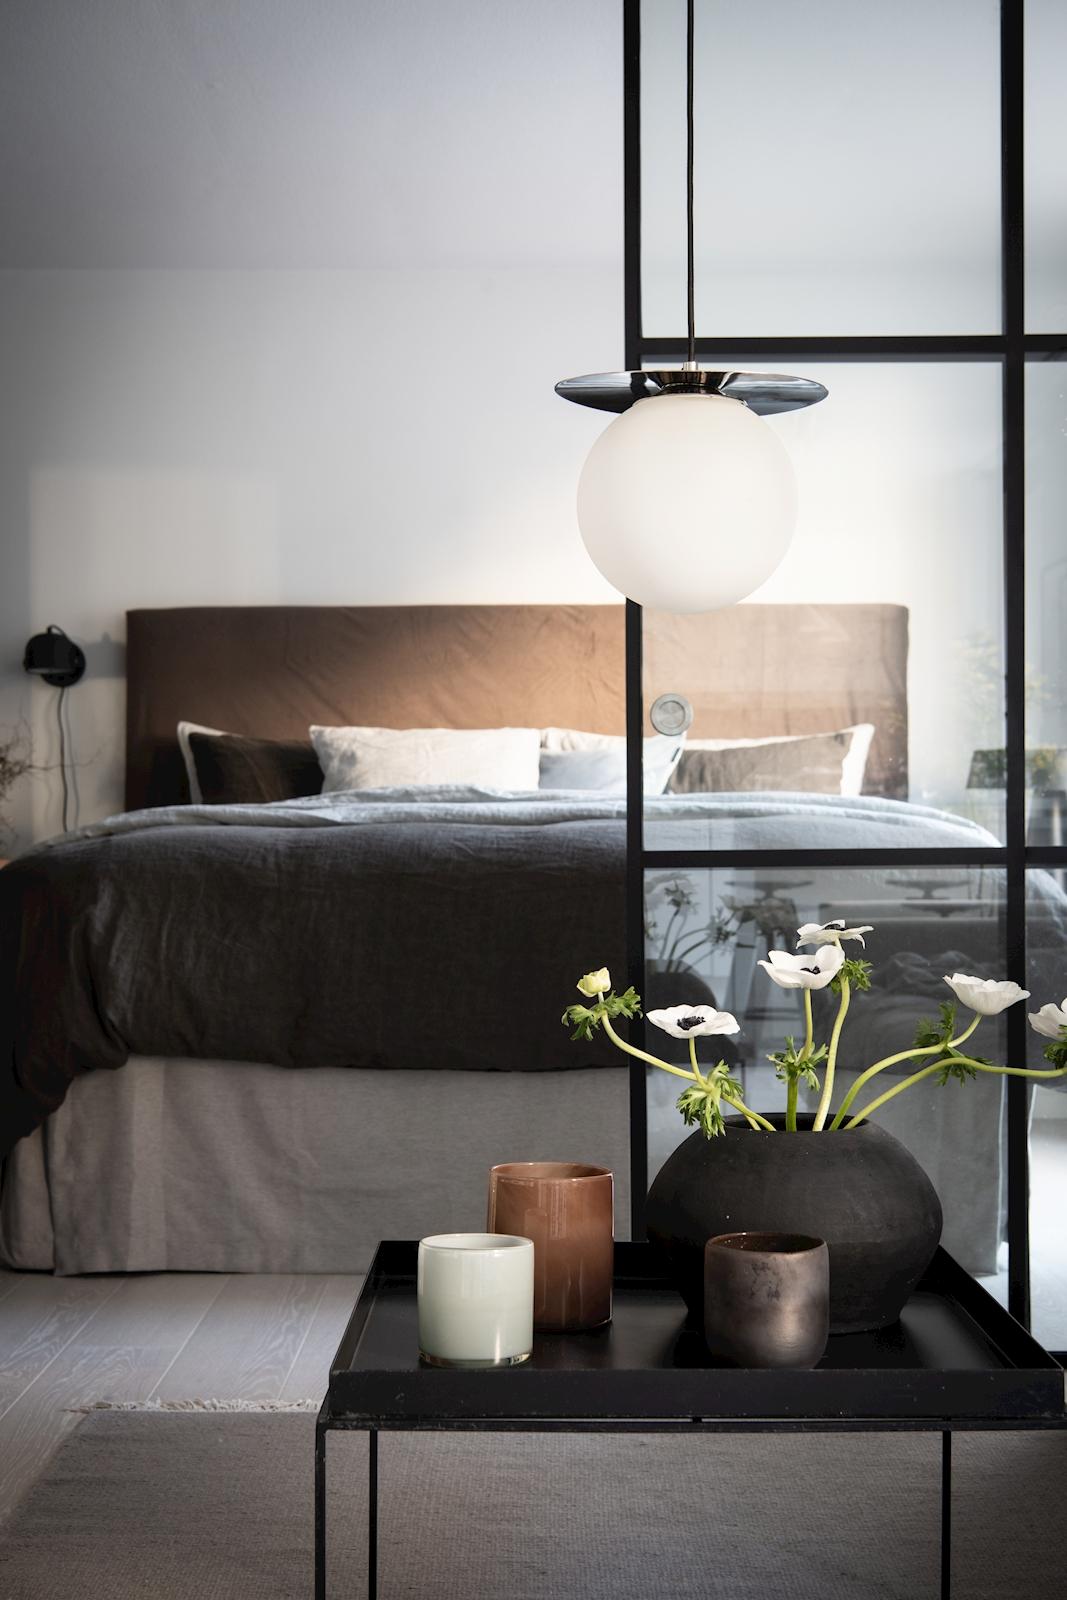 квартира 52 квм спальня кровать